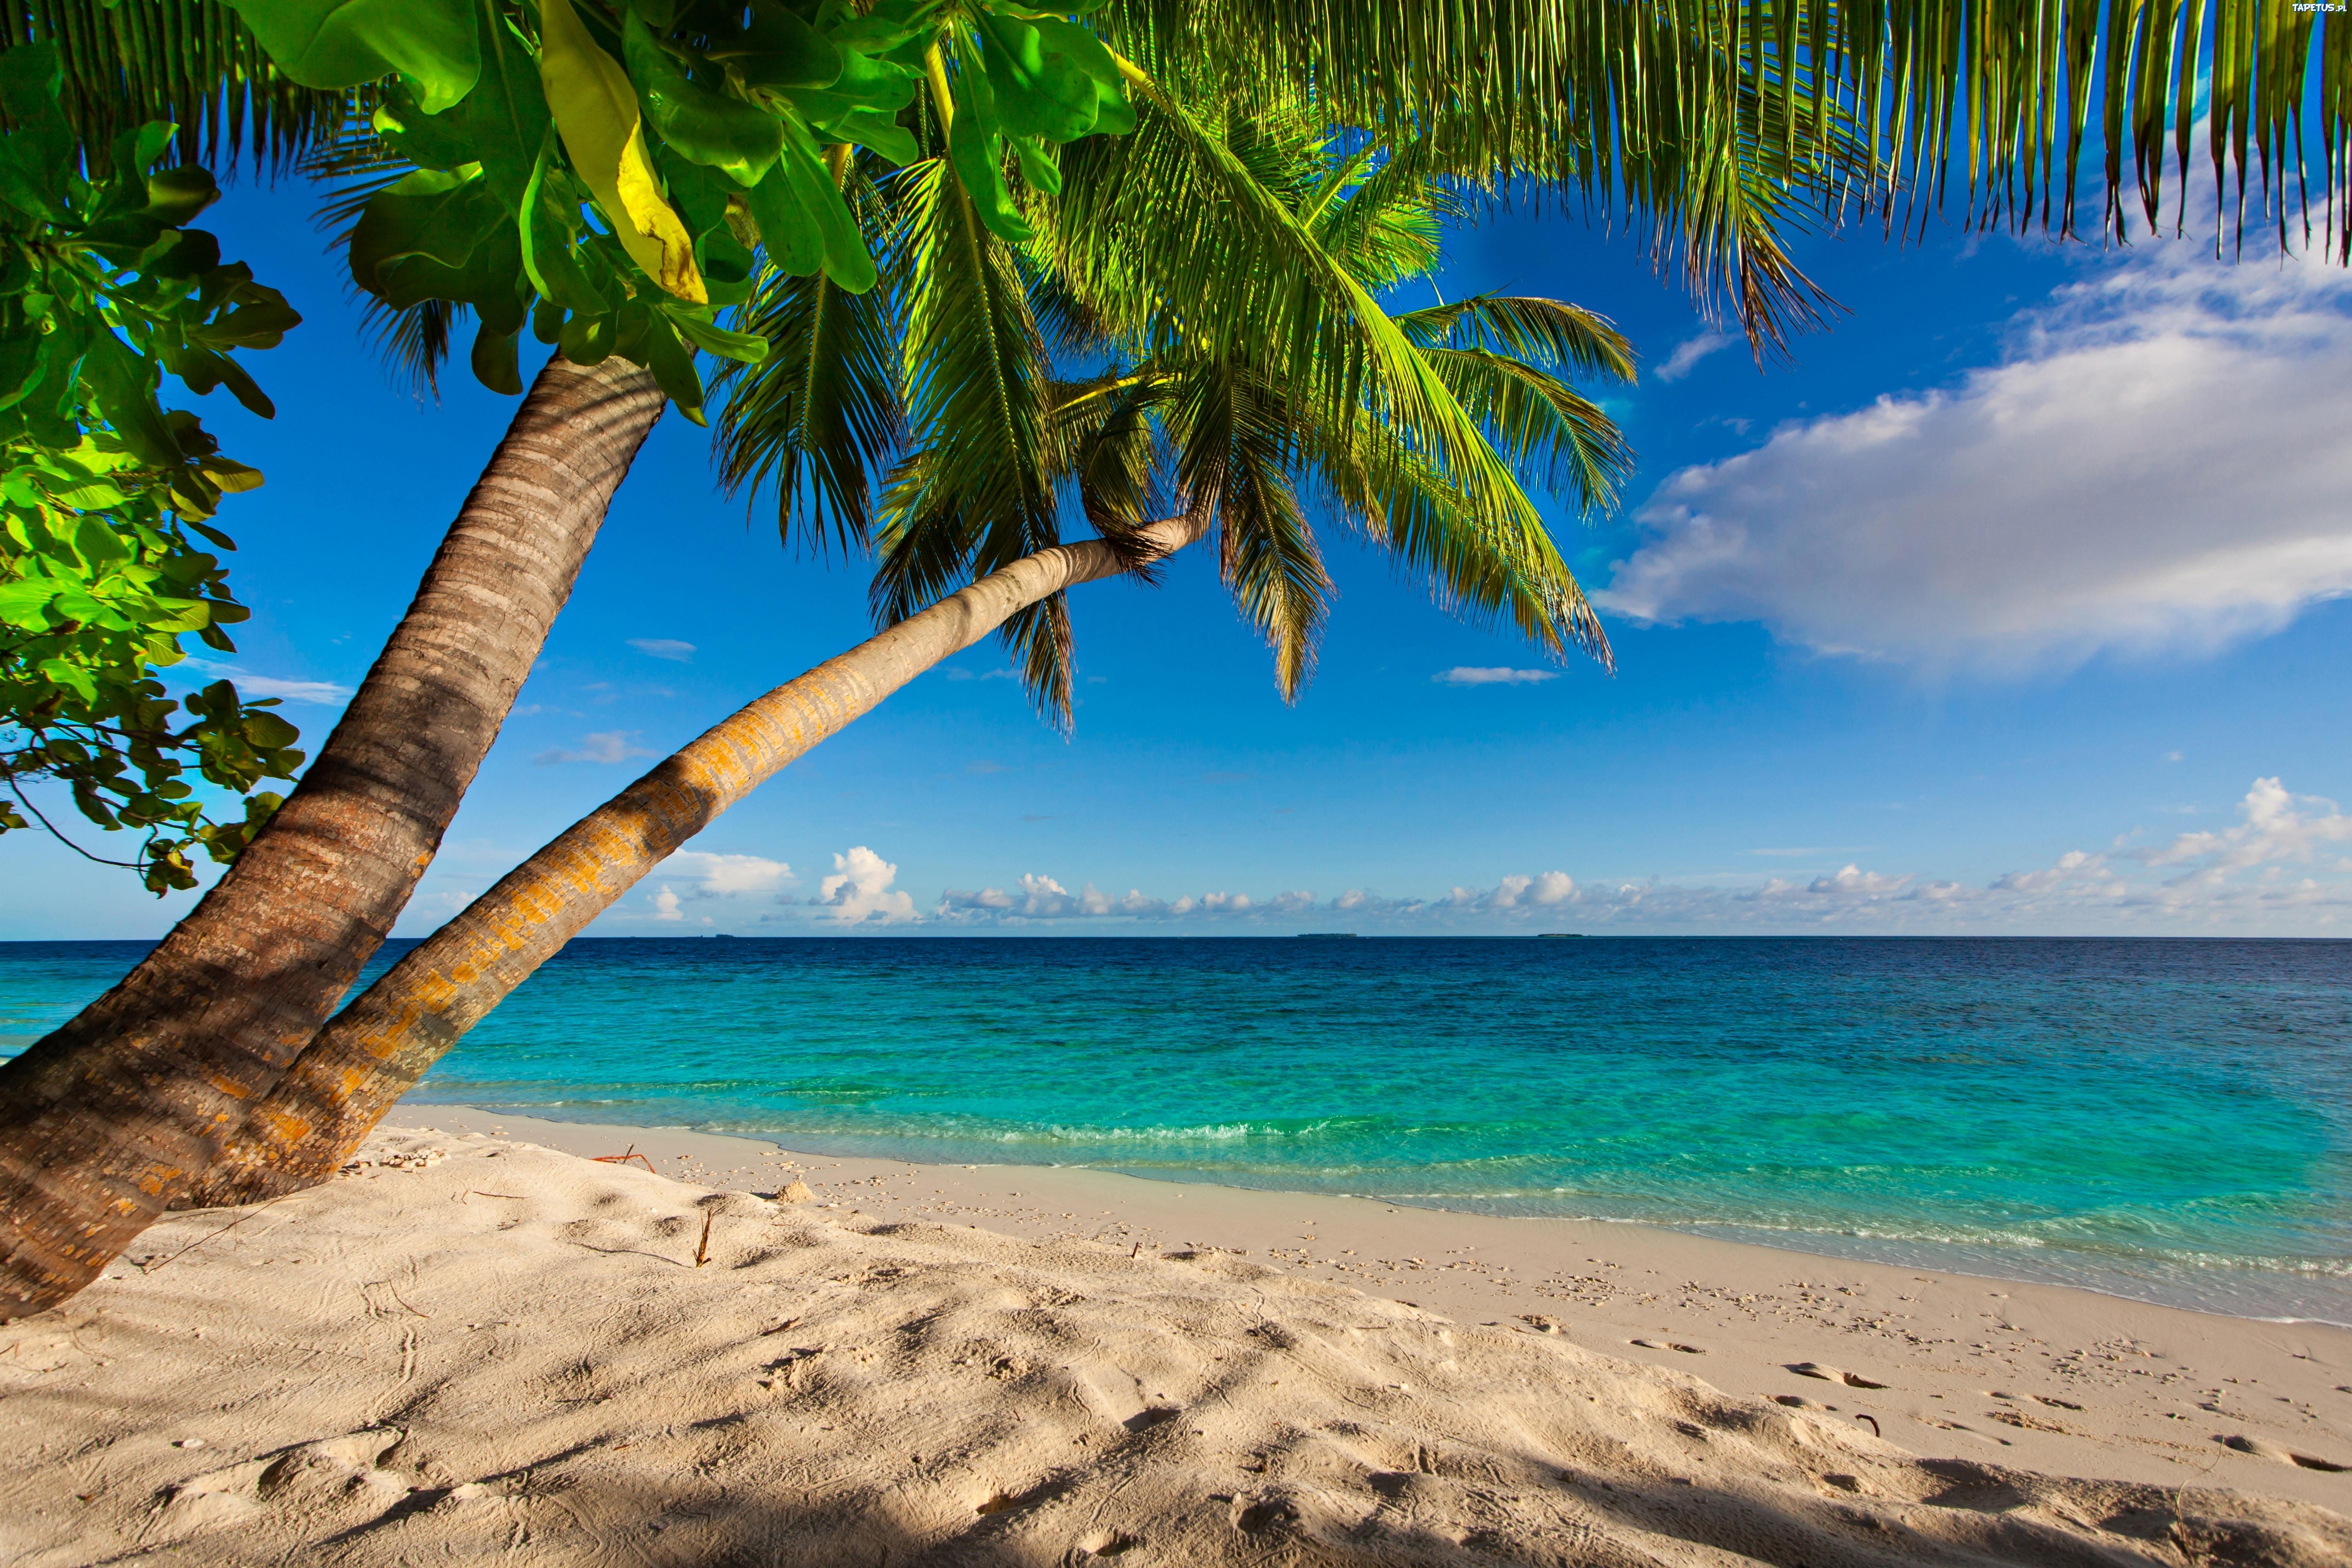 берег пальма море солнце пляж  № 3779886 без смс